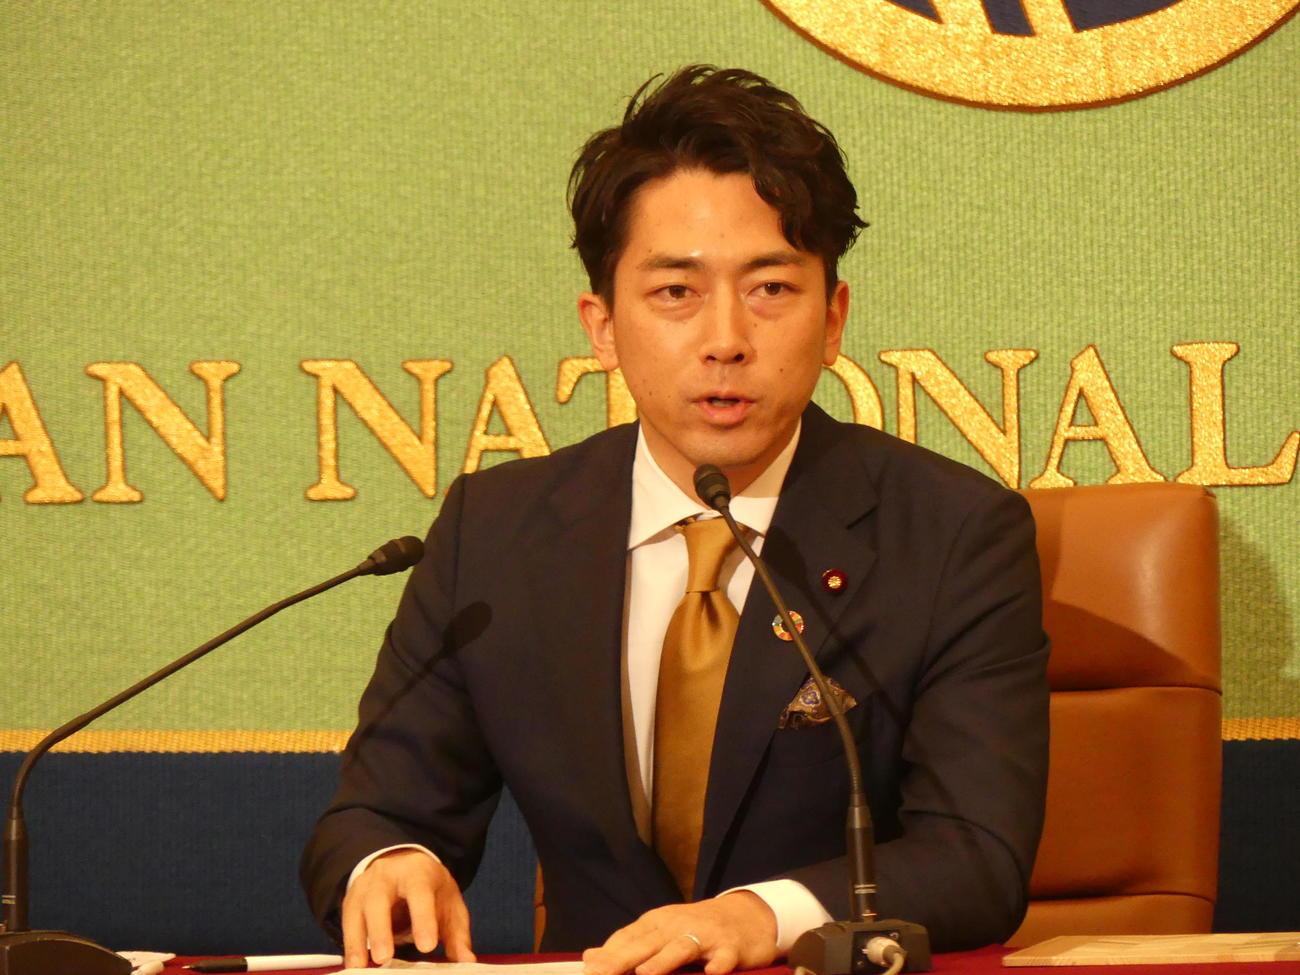 日本記者クラブで、2050年までの脱炭素社会実現を目指す日本の取り組みについて語る小泉進次郎環境相